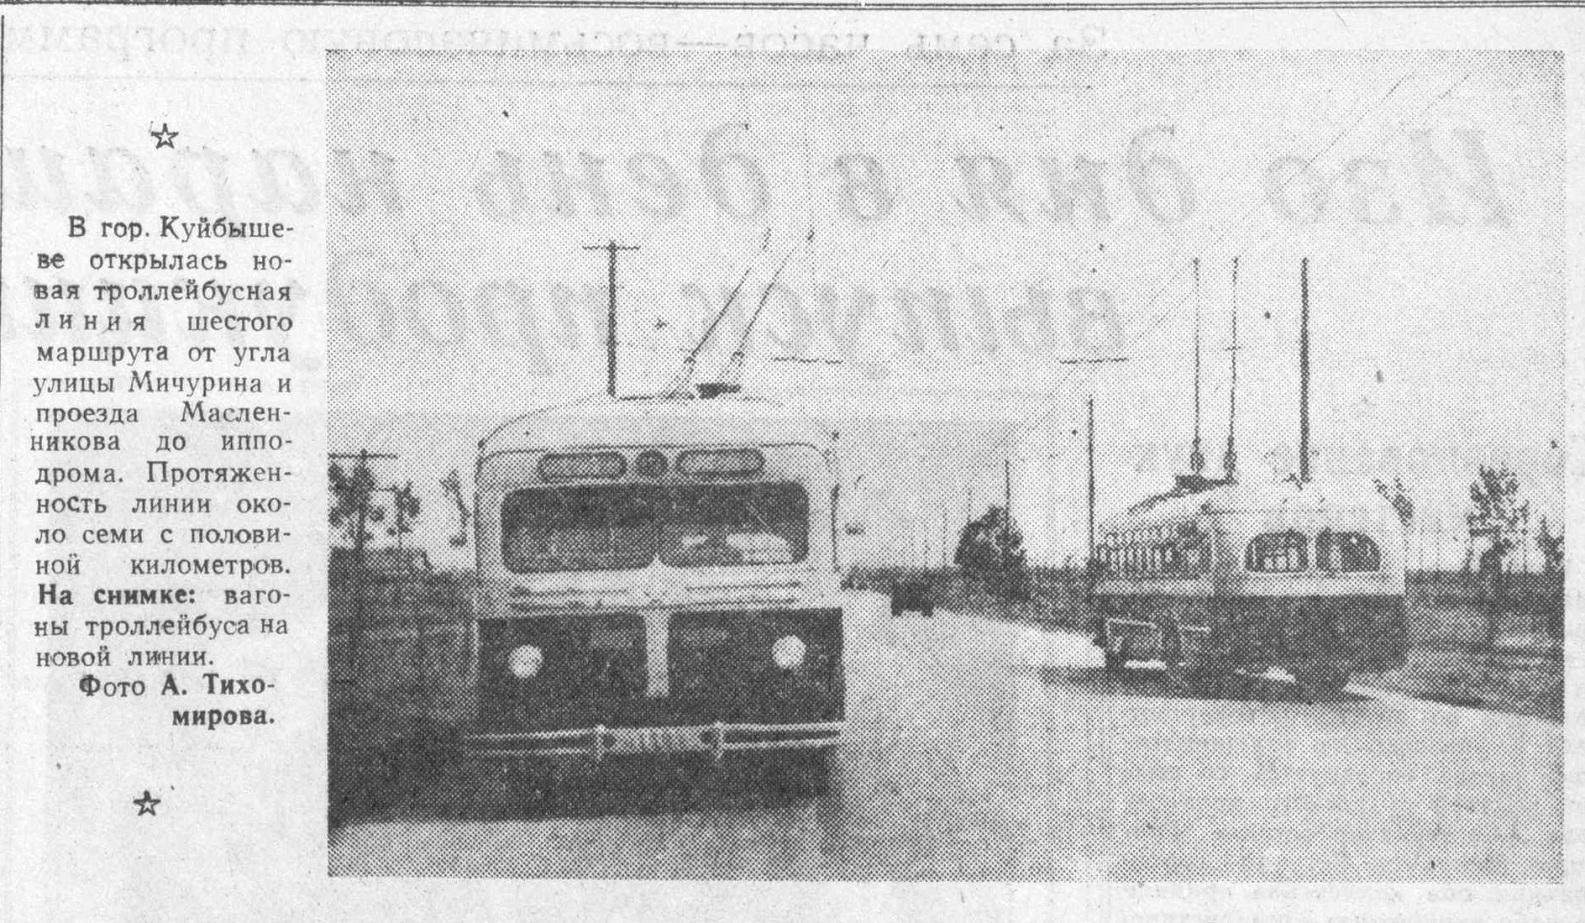 Московское-ФОТО-77-ВКа-1956-06-27-пуск трол. до Ипподрома